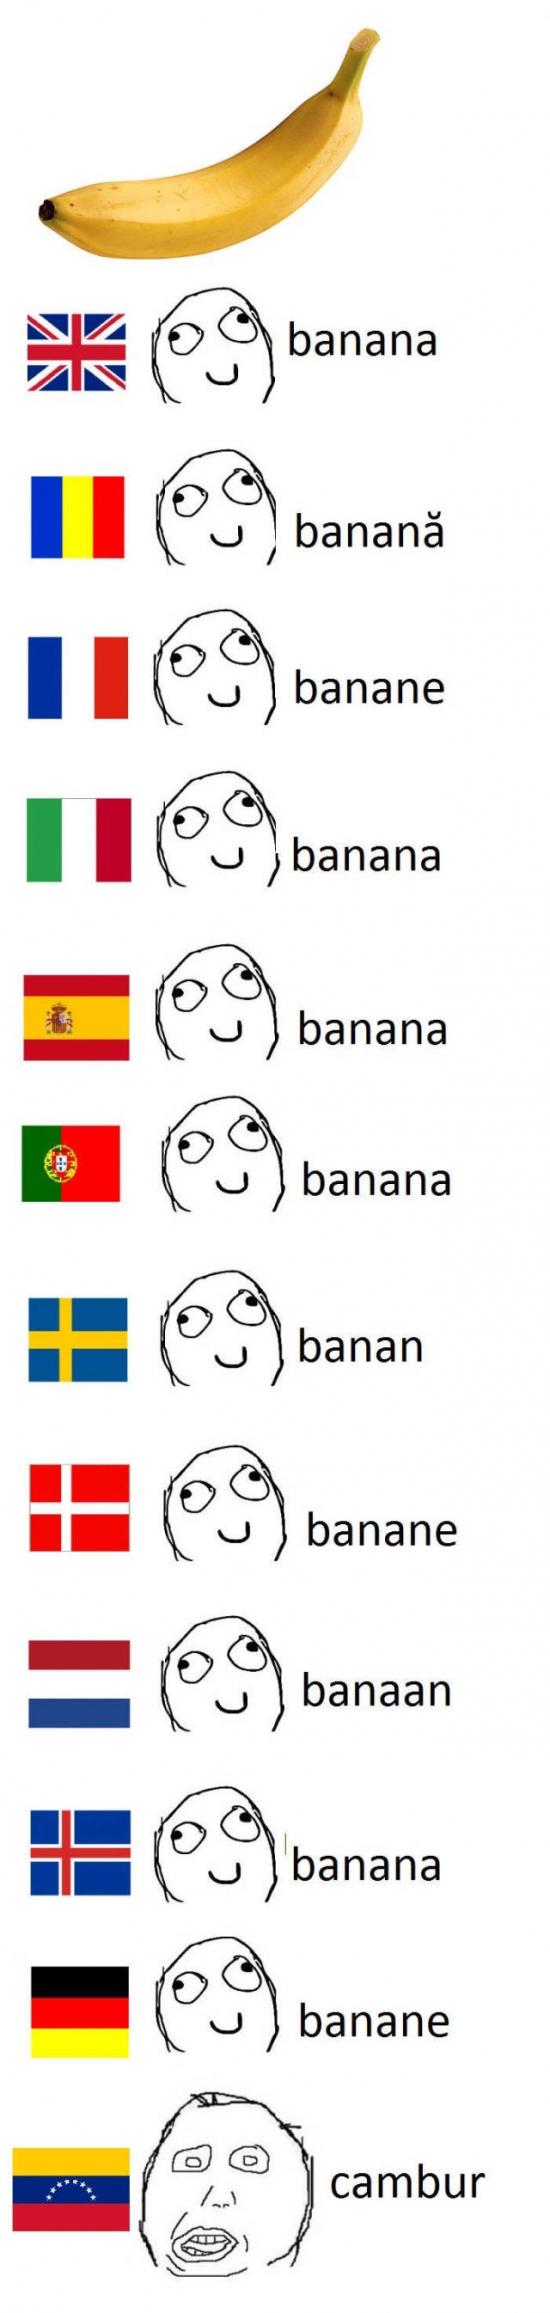 Otros - Venezuela y su traducción